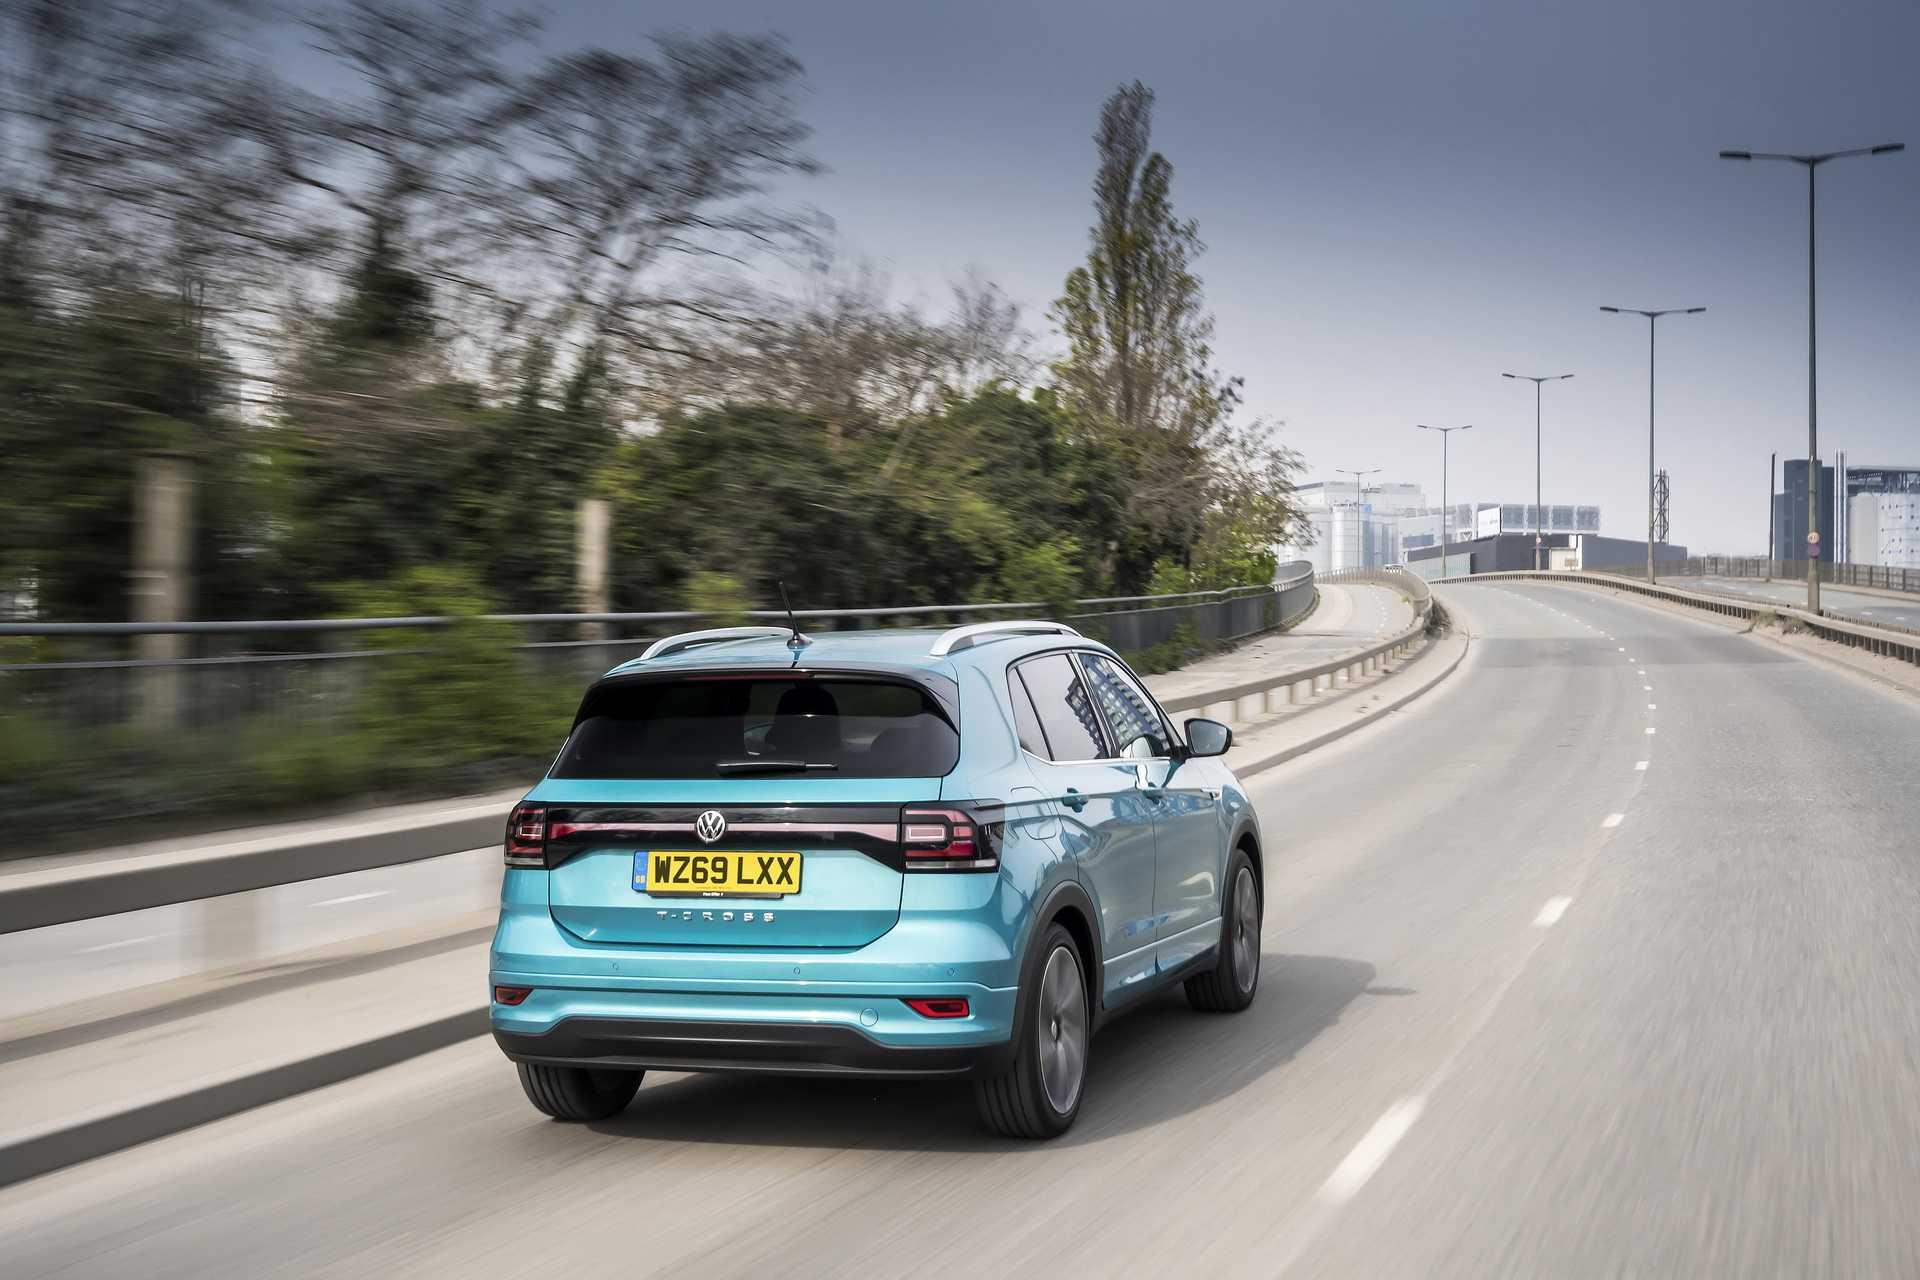 Volkswagen t-roc 2020: цена, фото, старт продаж - новый фольксваген т-рок в россии